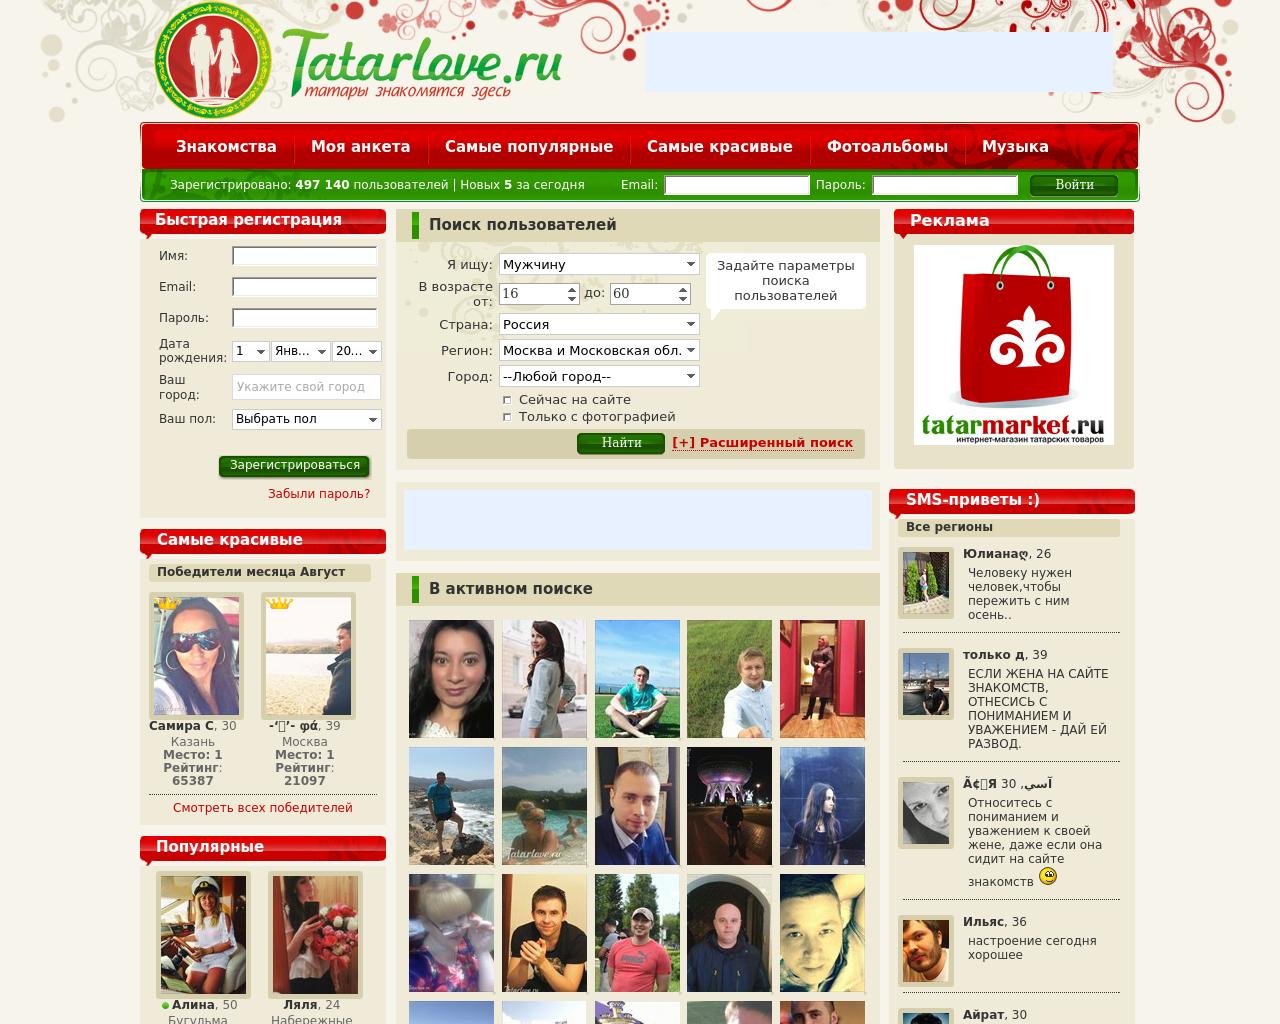 Знакомства татар лове